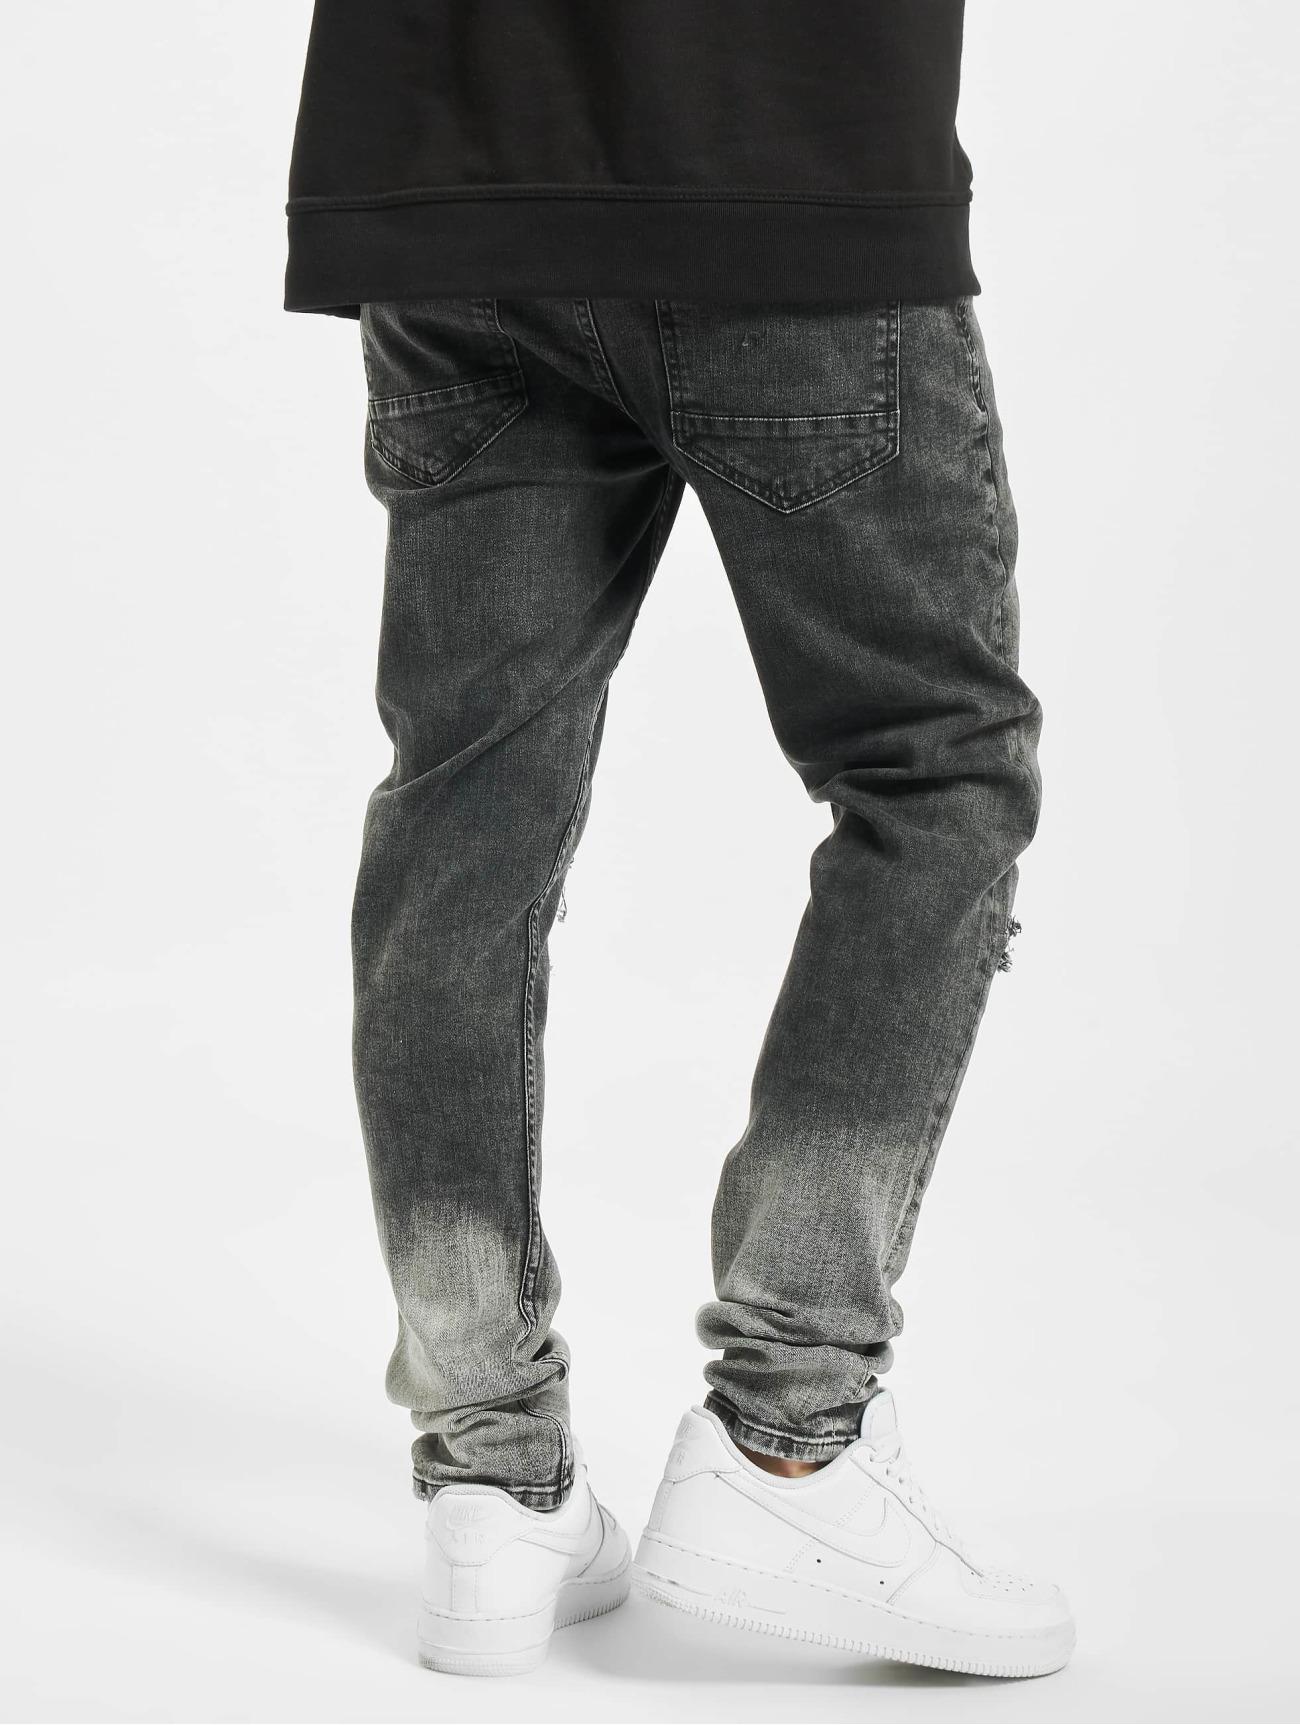 2Y  Naif  noir Homme Jean skinny  726634 Homme Jeans